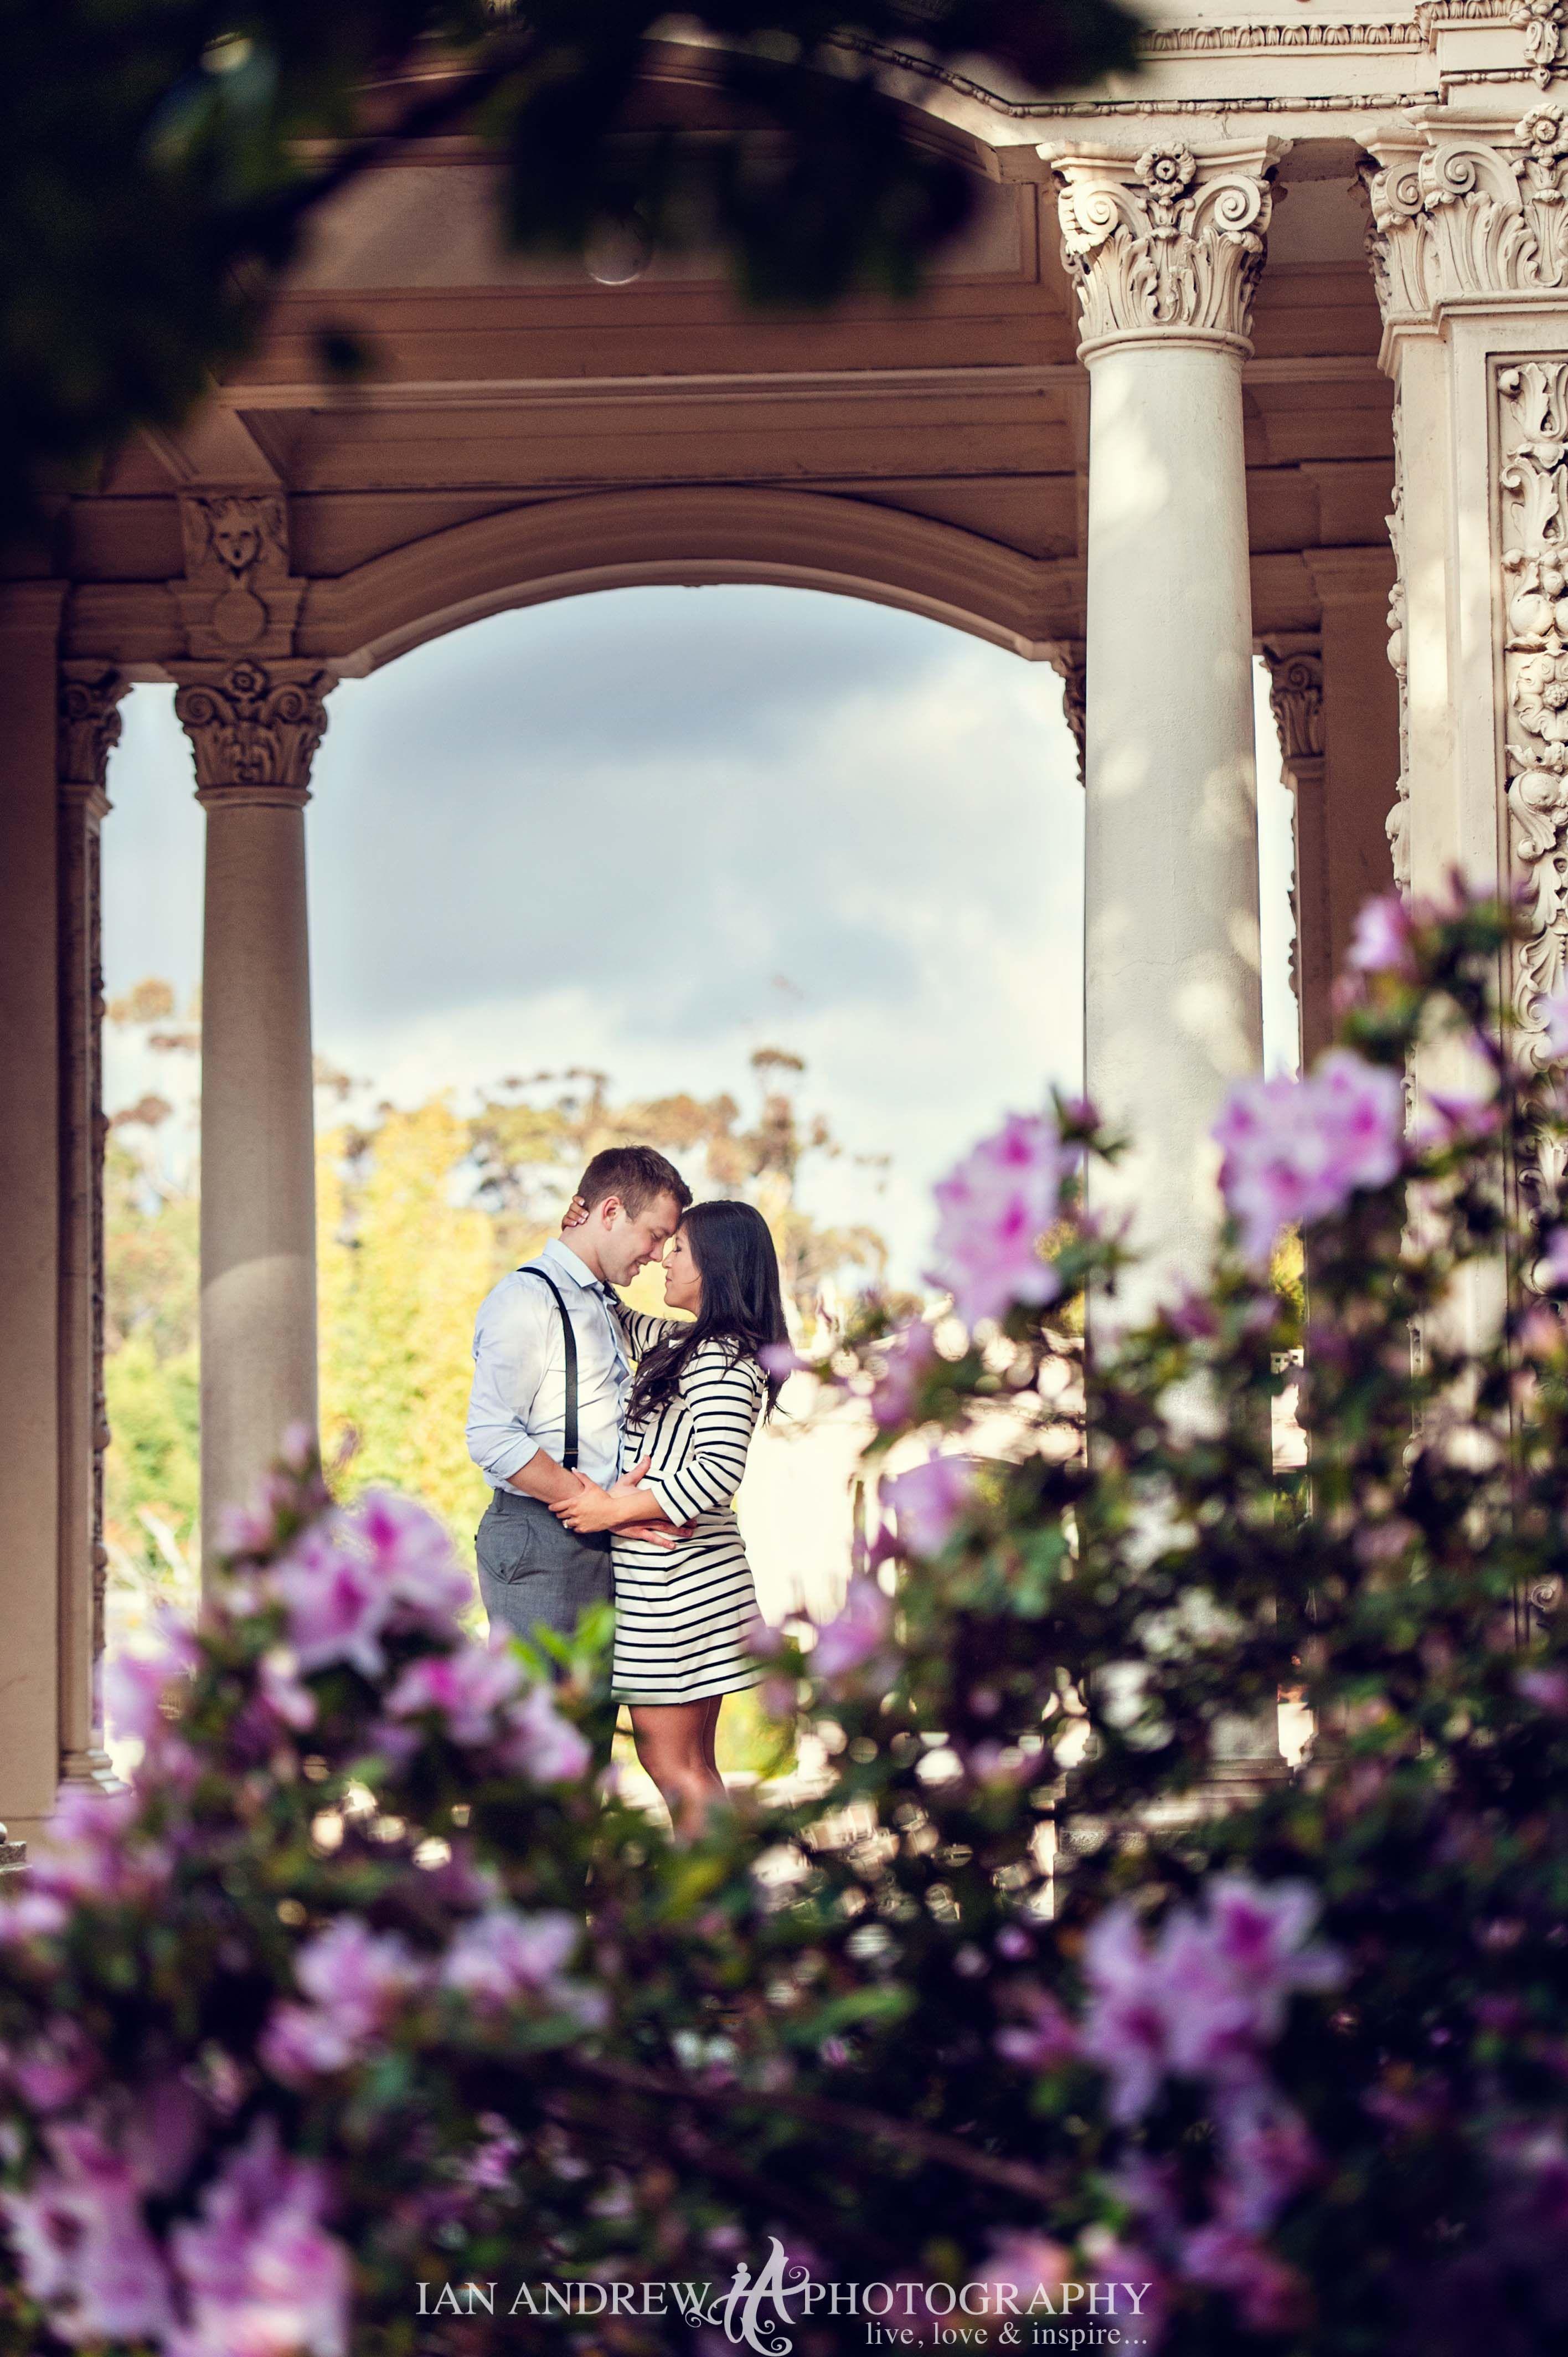 Balboa Park Engagement Photos   Fotos❤   Pinterest   Fotografía ...